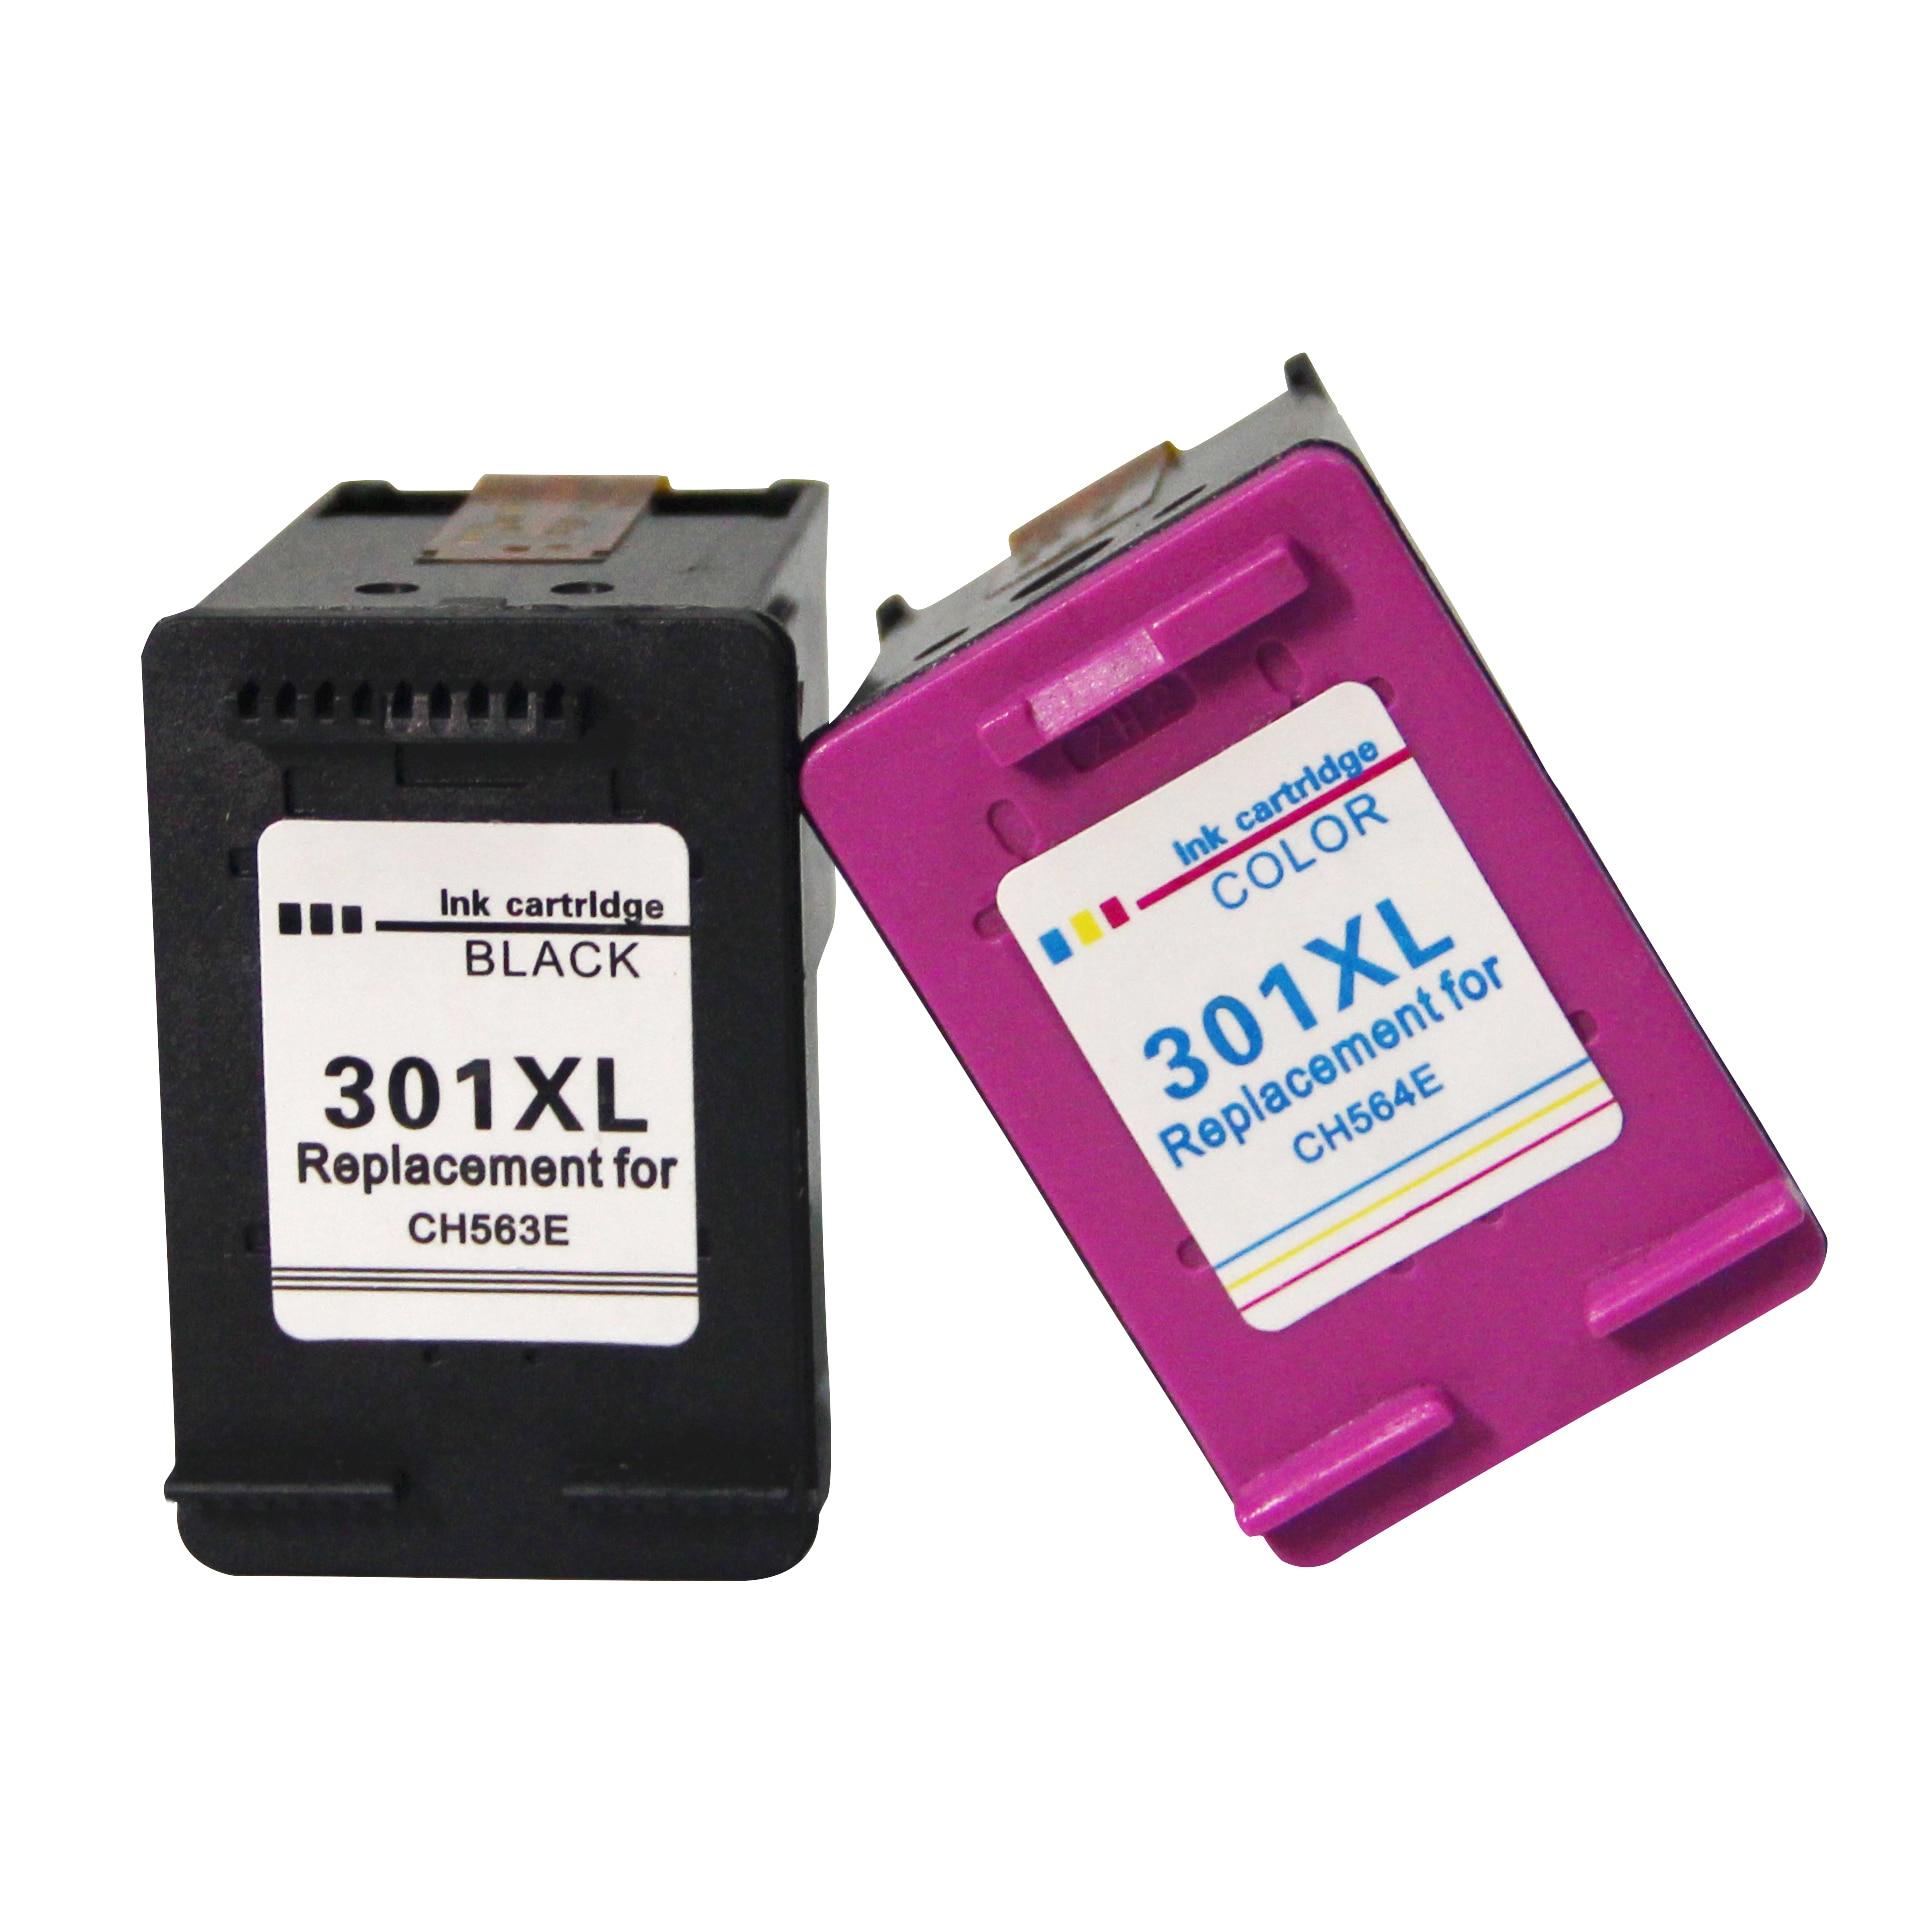 301XL cartucho de tinta compatível para o HP 301 funciona em HP Deskjet 1000 1050 2000 2050 2050S 2510 3510 3050 Impressoras 3050a